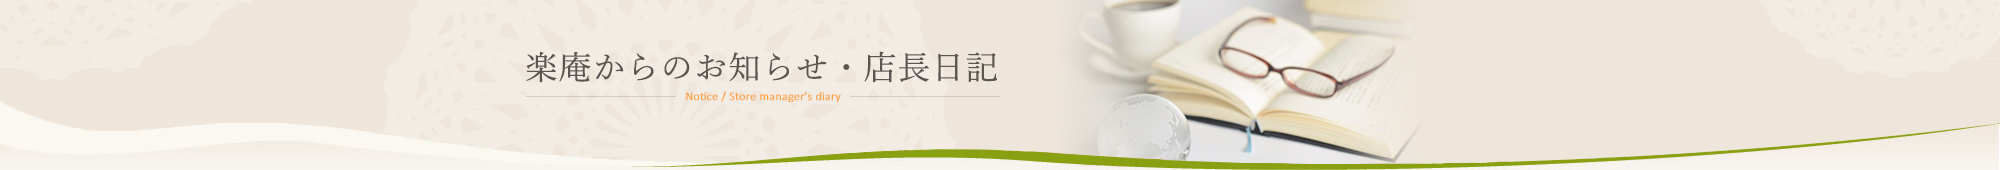 楽庵からのお知らせ・店長日記のブログ一覧|楽庵(らくあん)は出張専門のマッサージサロンです。